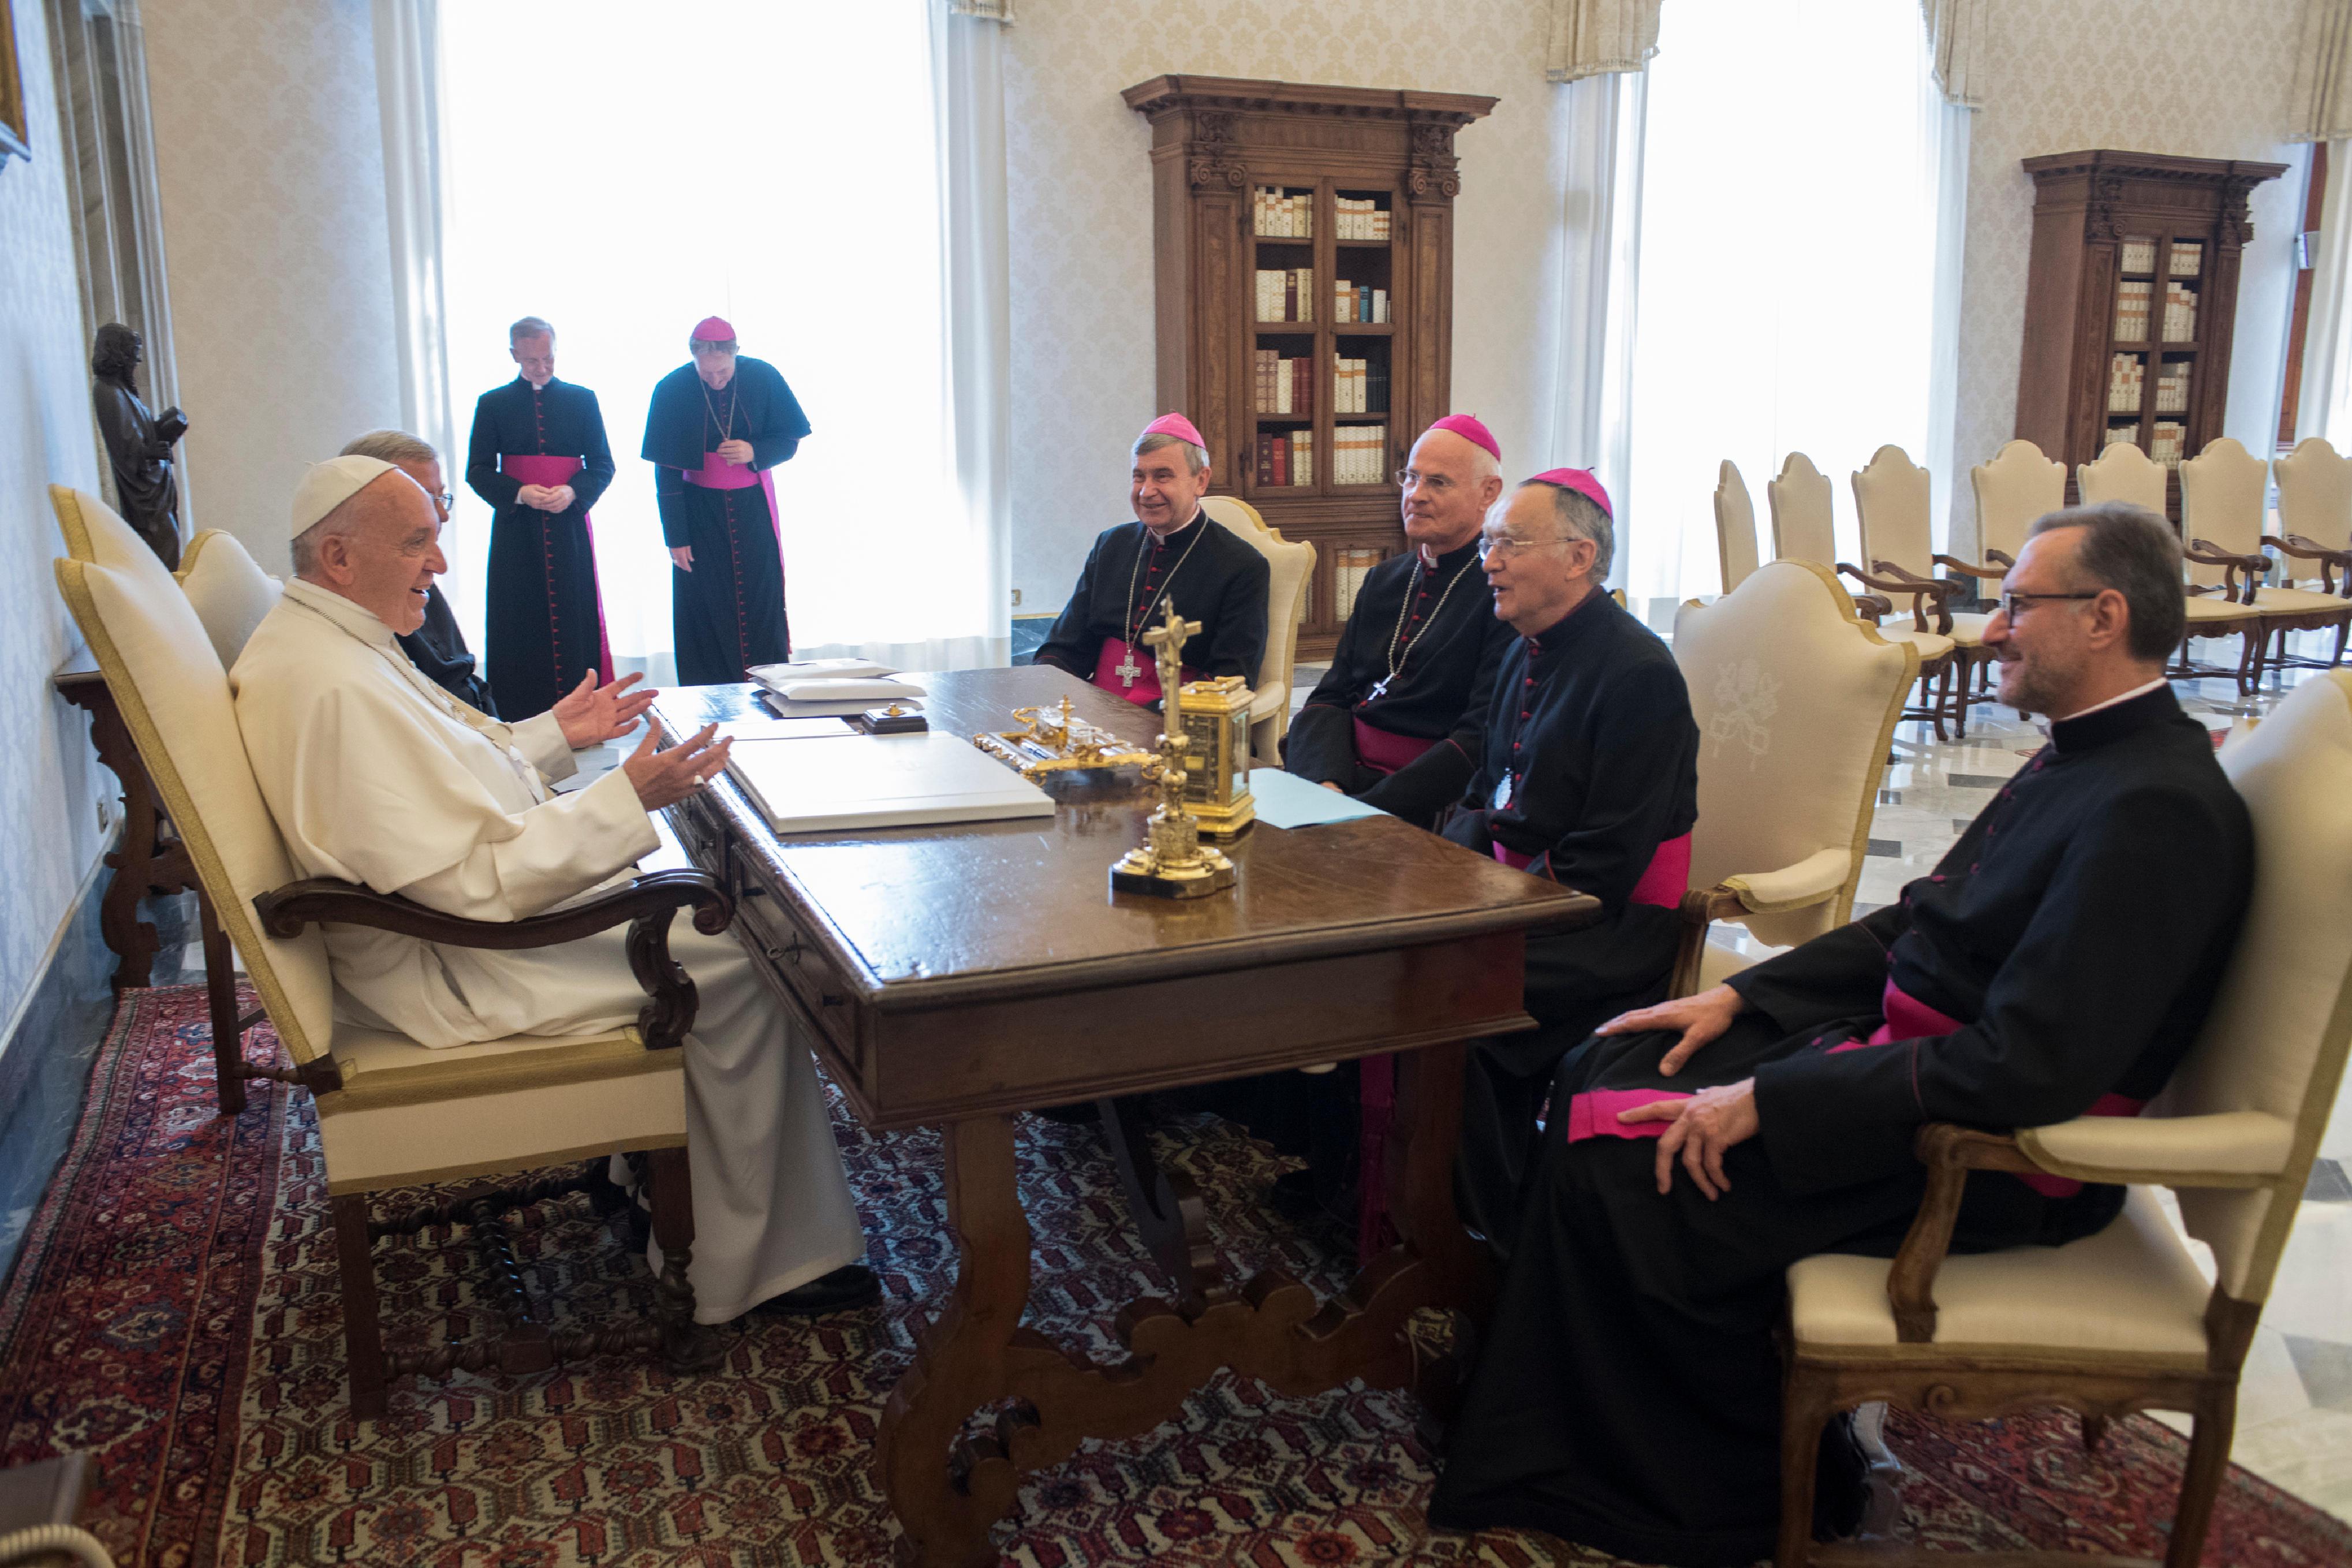 Présidence de la Conférence des évêques de France © L'Osservatore Romano